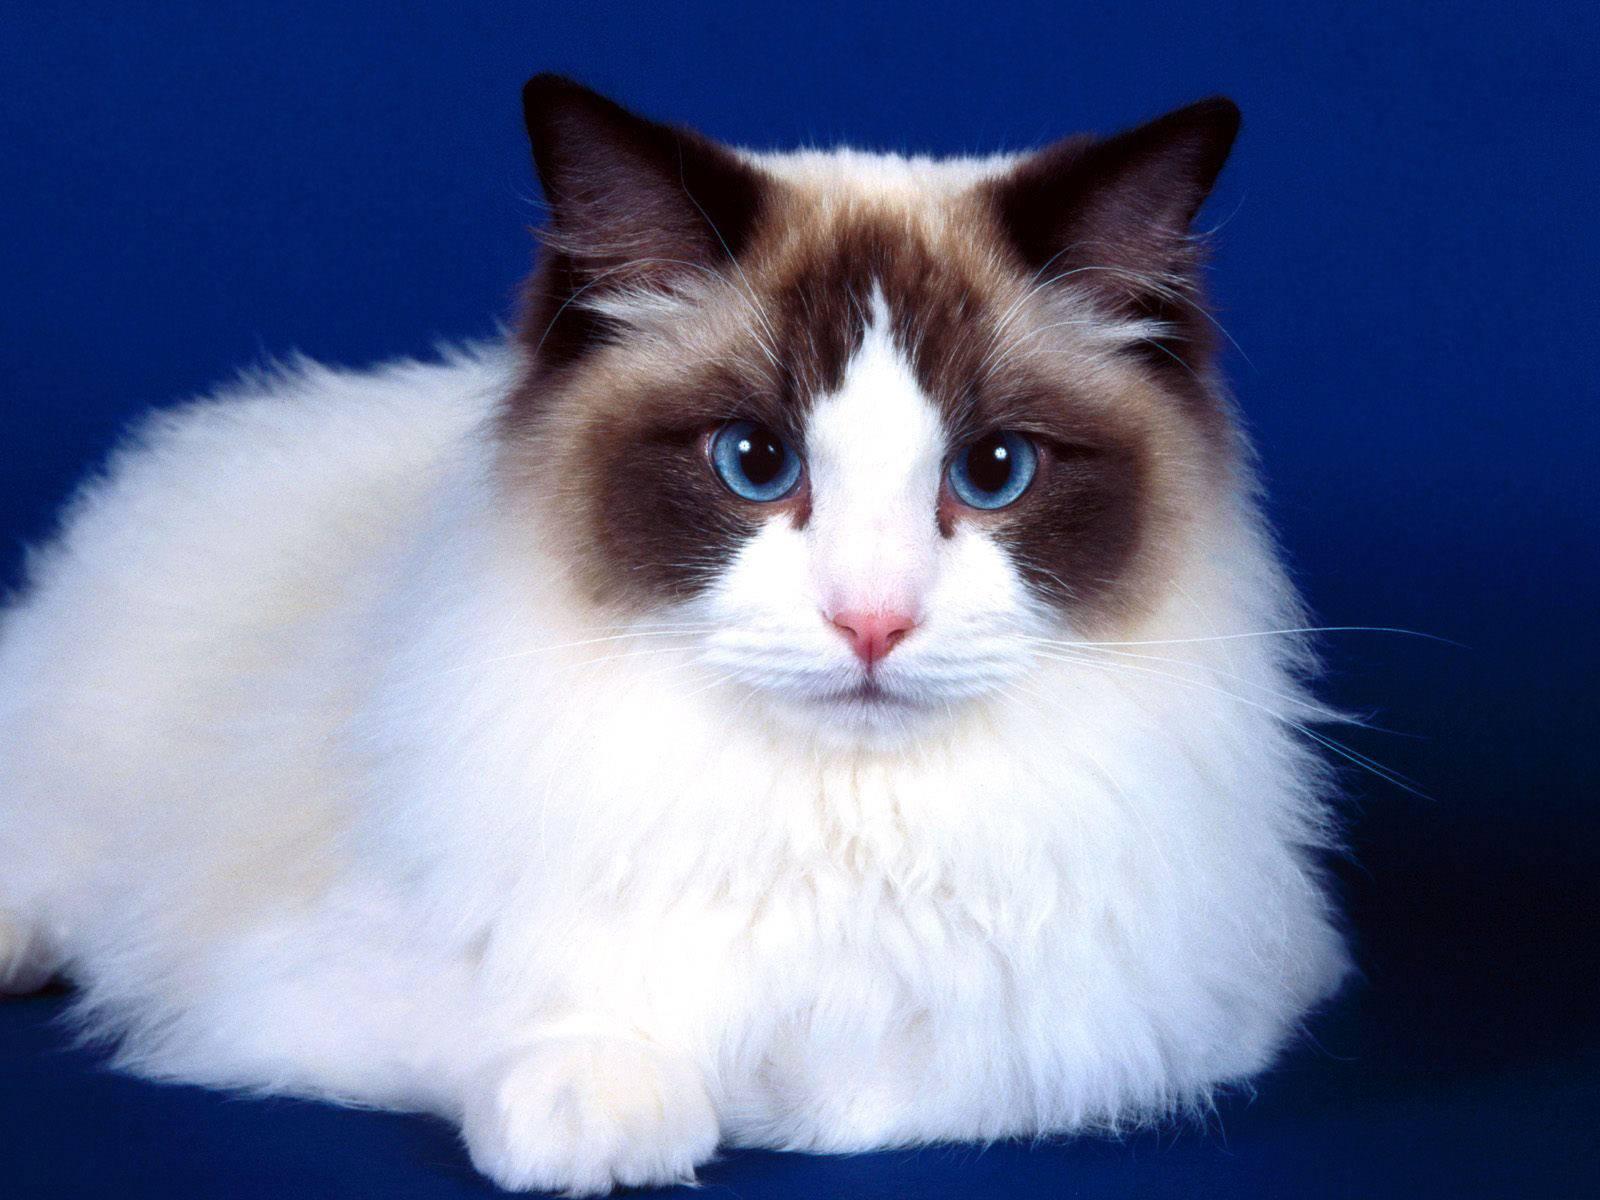 Рэгдолл (фото): порода добродушных кошачьих гигантов из америки - kot-pes